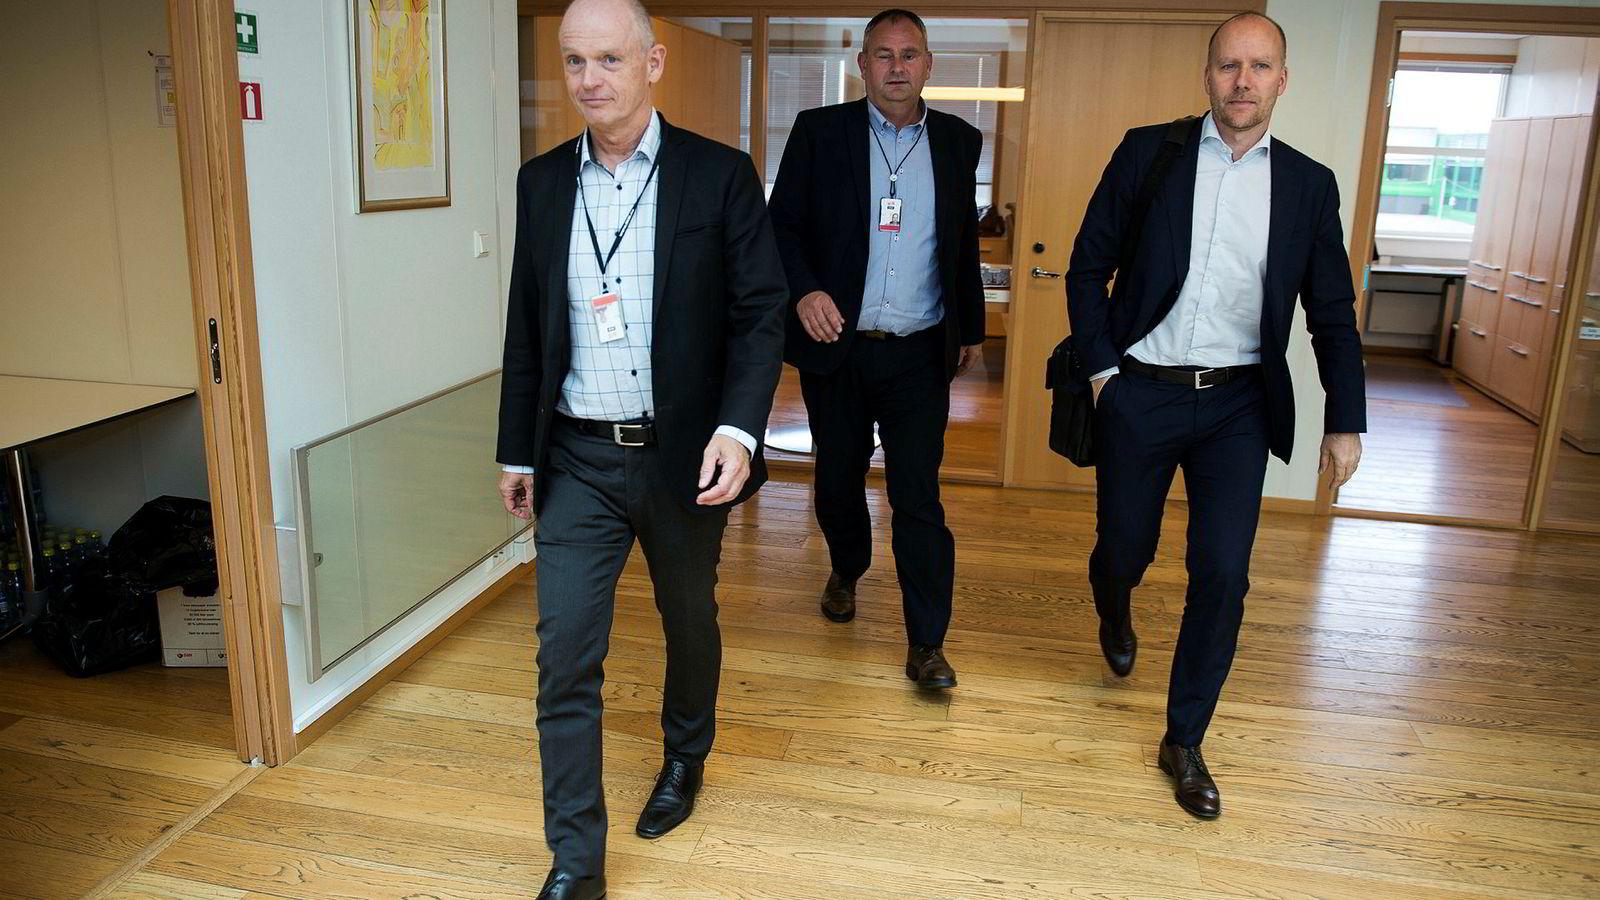 Det er full fart igjen hos Ståle Kyllingstad og IKM. Nå har han nettopp fått en ny storkontrakt med Kjetel Digre (til høyre) og Aker BP. Det gjør at landsjef Vidar Haugland i IKM Testing må ansette flere.